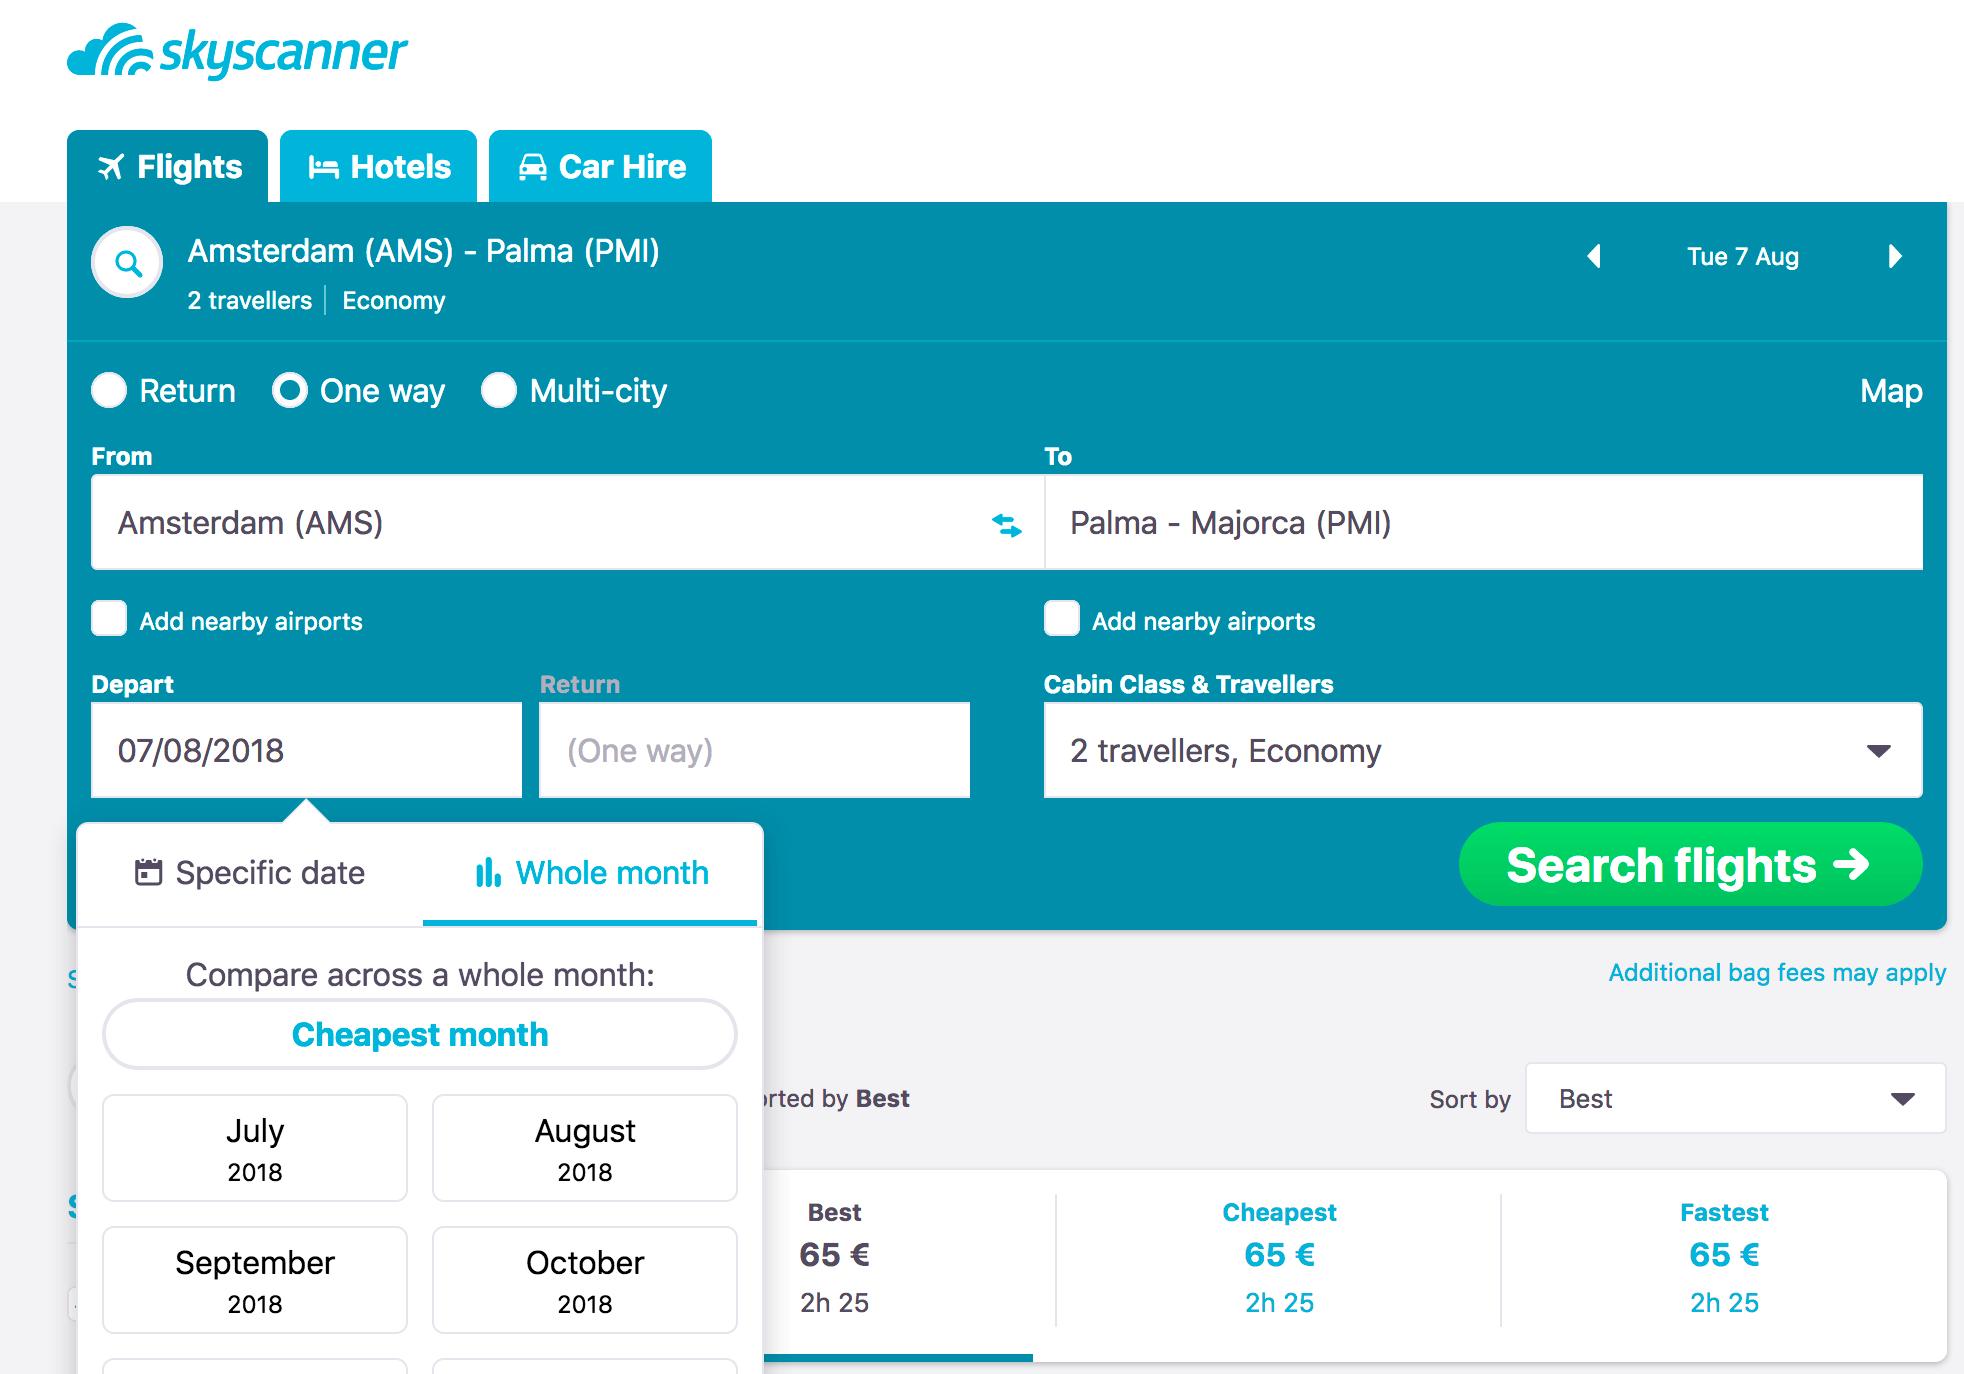 Ams Pmi Search Result Web